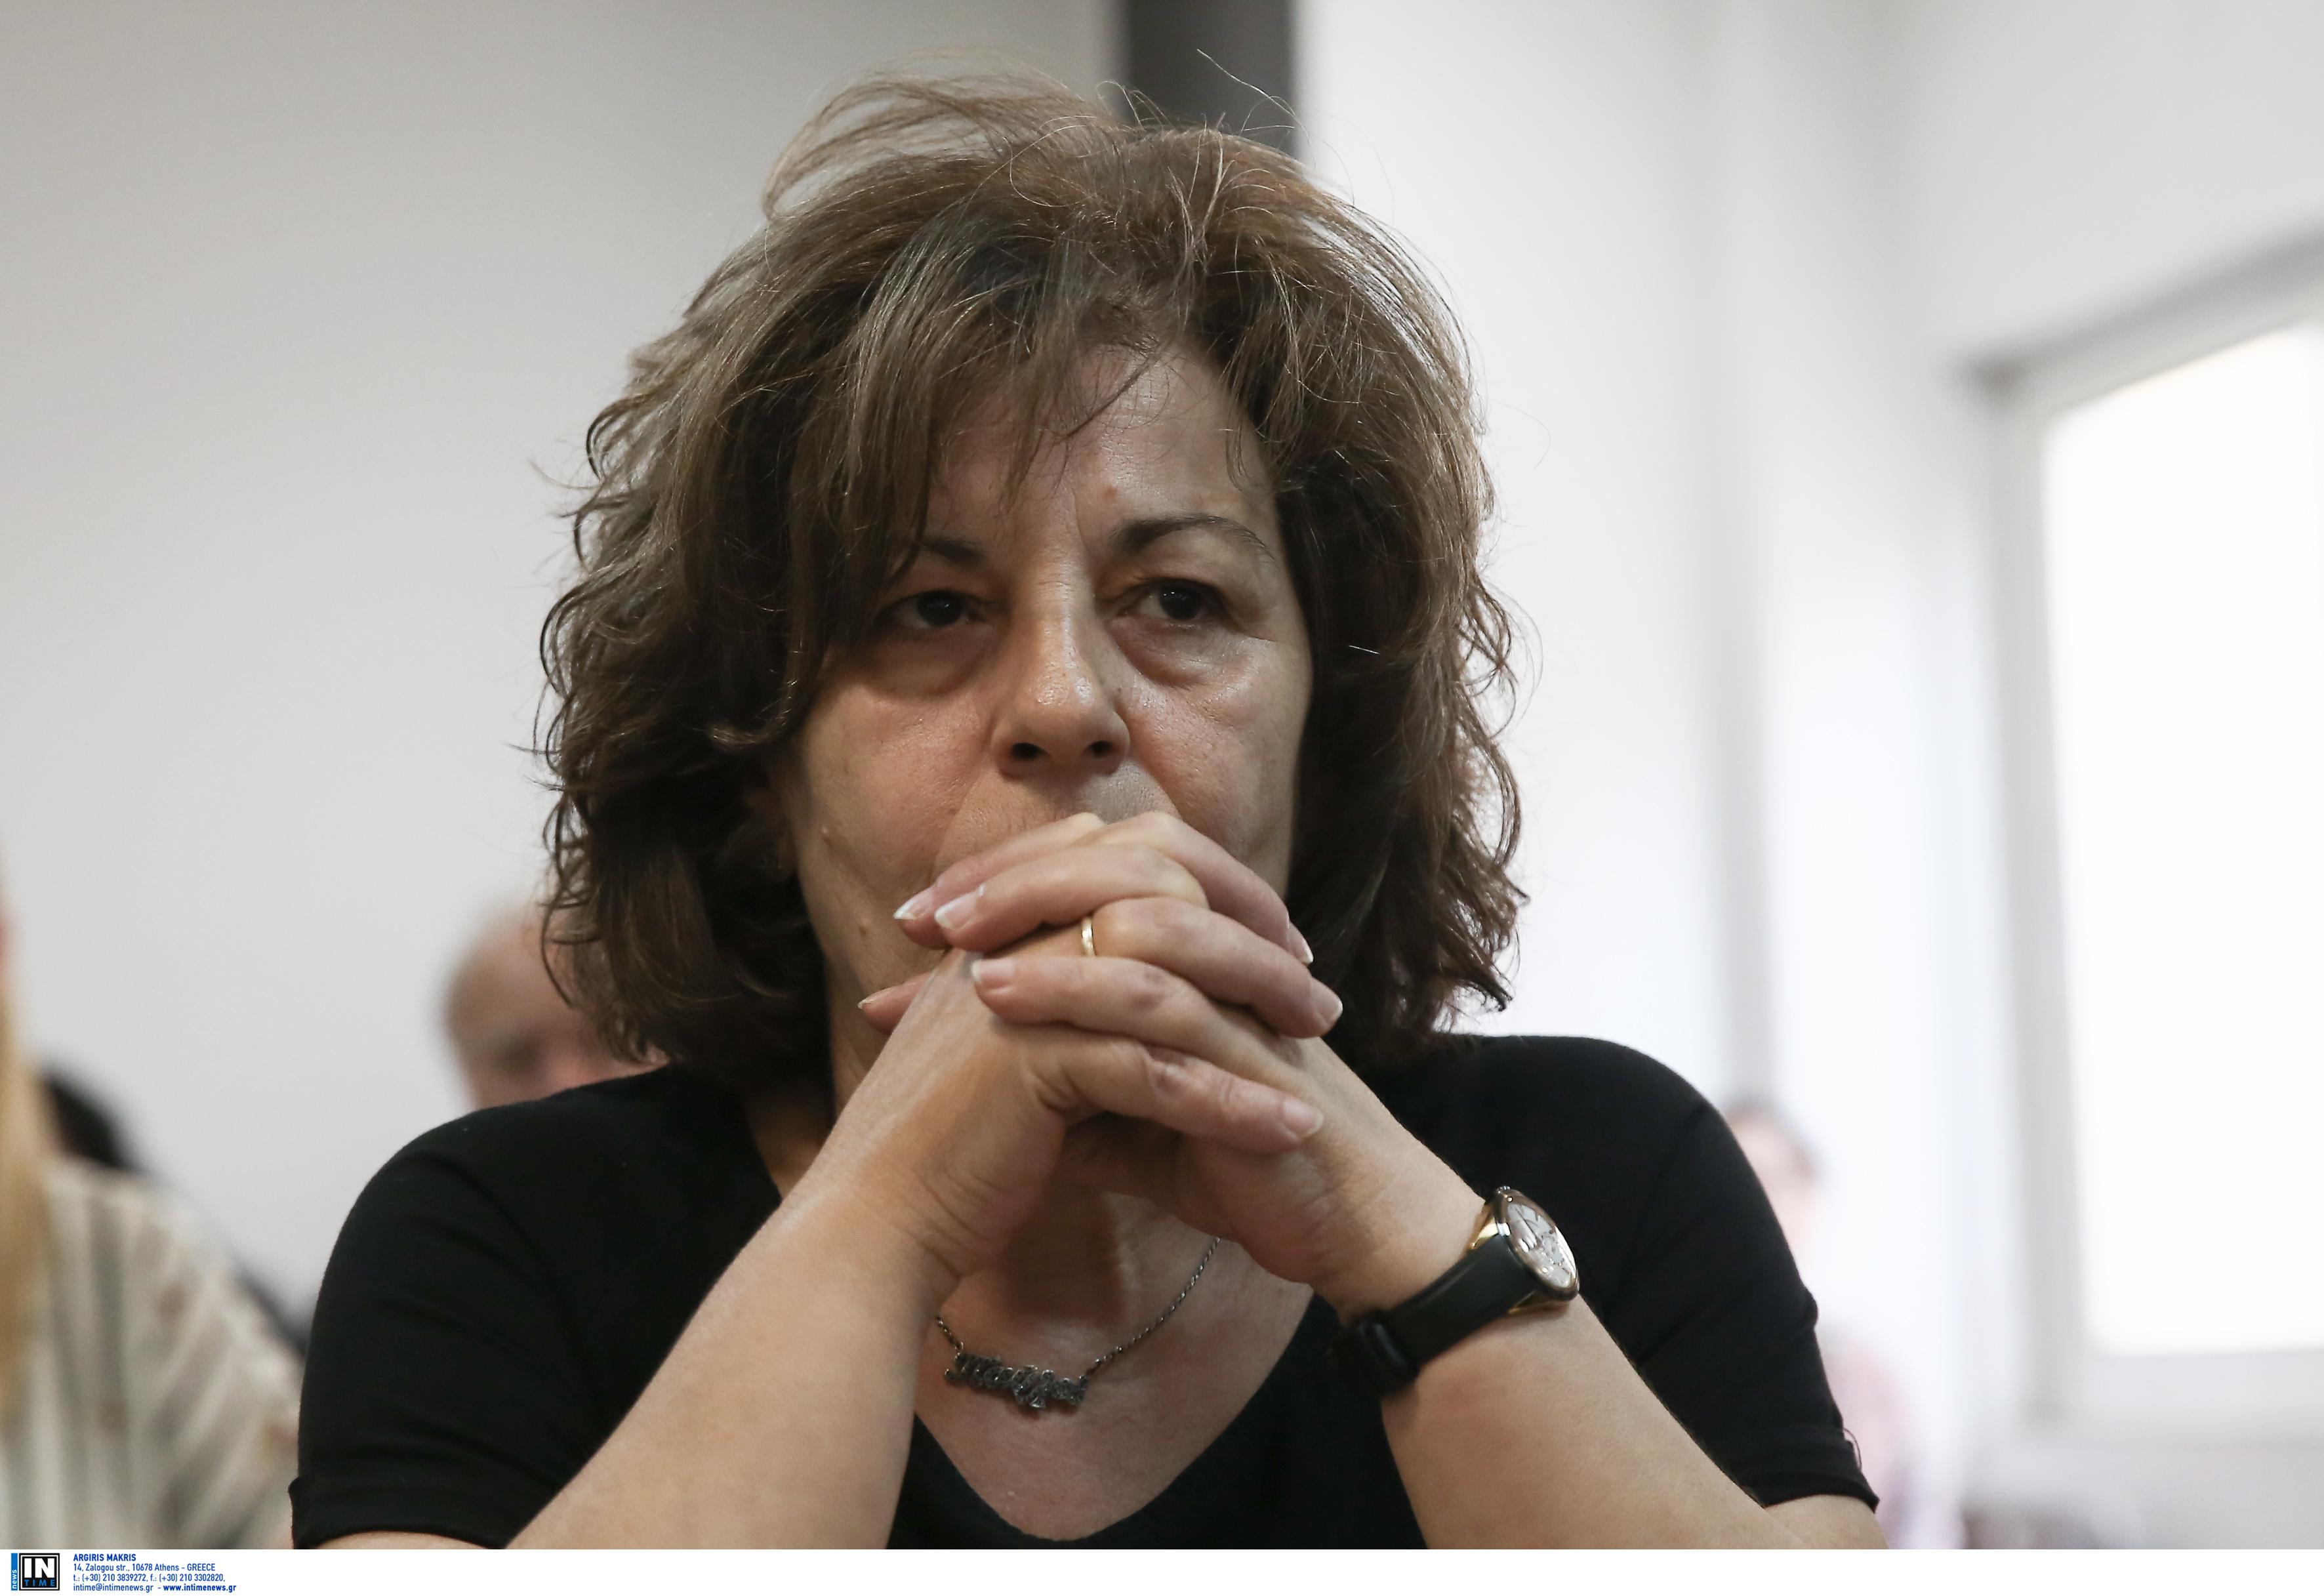 Τα γύρισε ο Βελόπουλος μετά την επιστολή Φύσσα στον Πρόεδρο της Βουλής